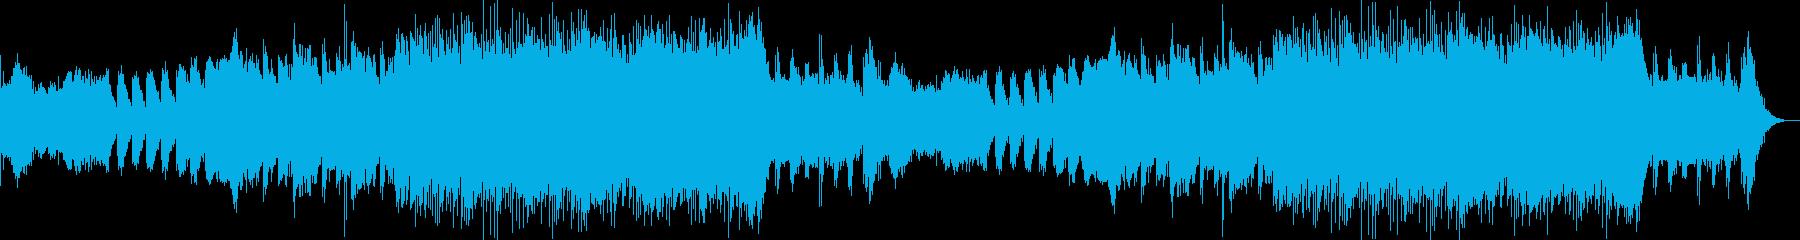 重厚感のある壮大な恐怖、ホラー系BGMの再生済みの波形